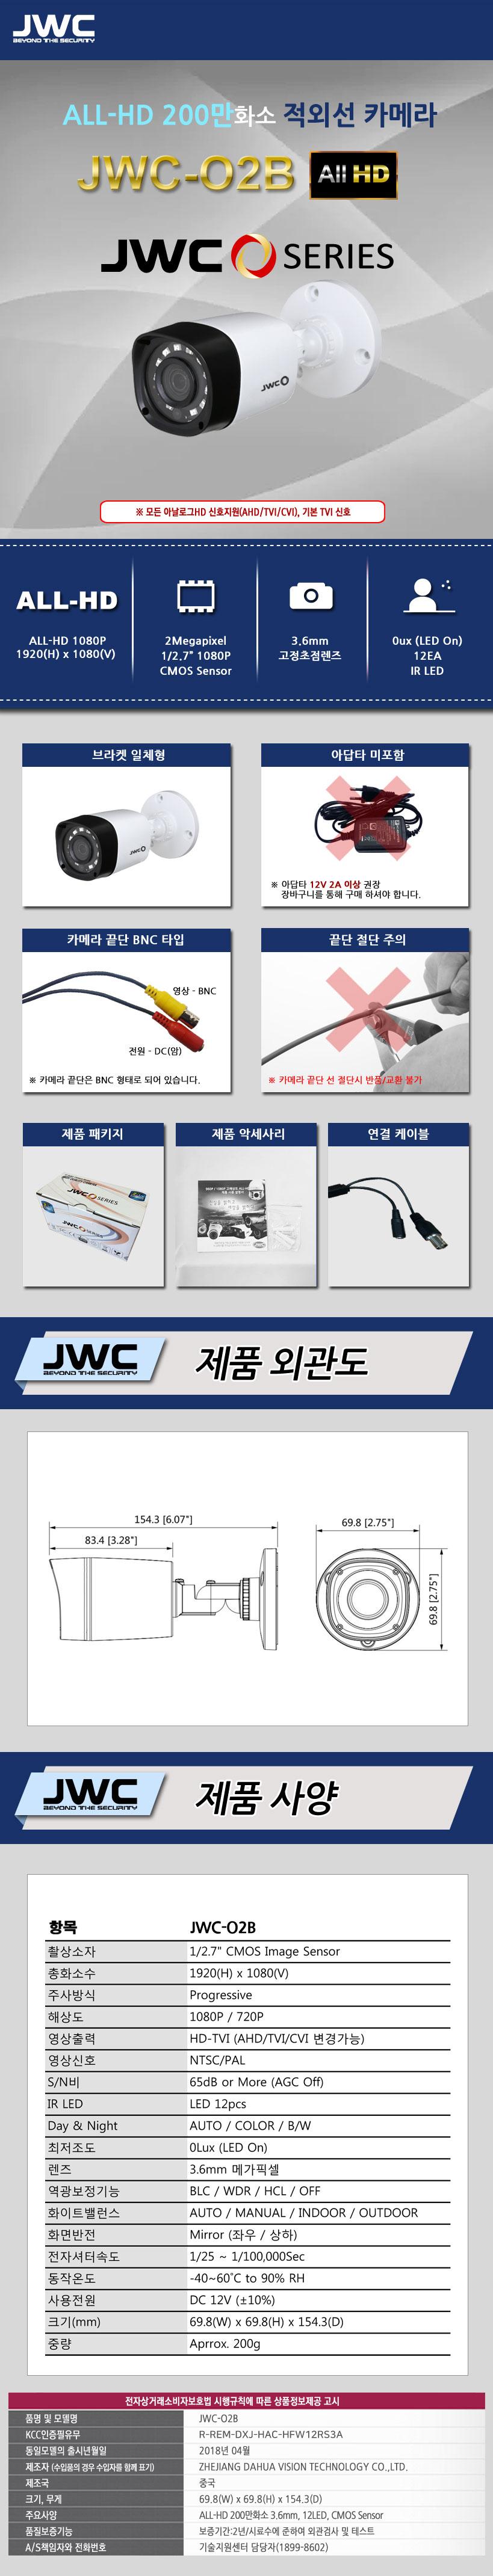 JWC-O2B_.jpg